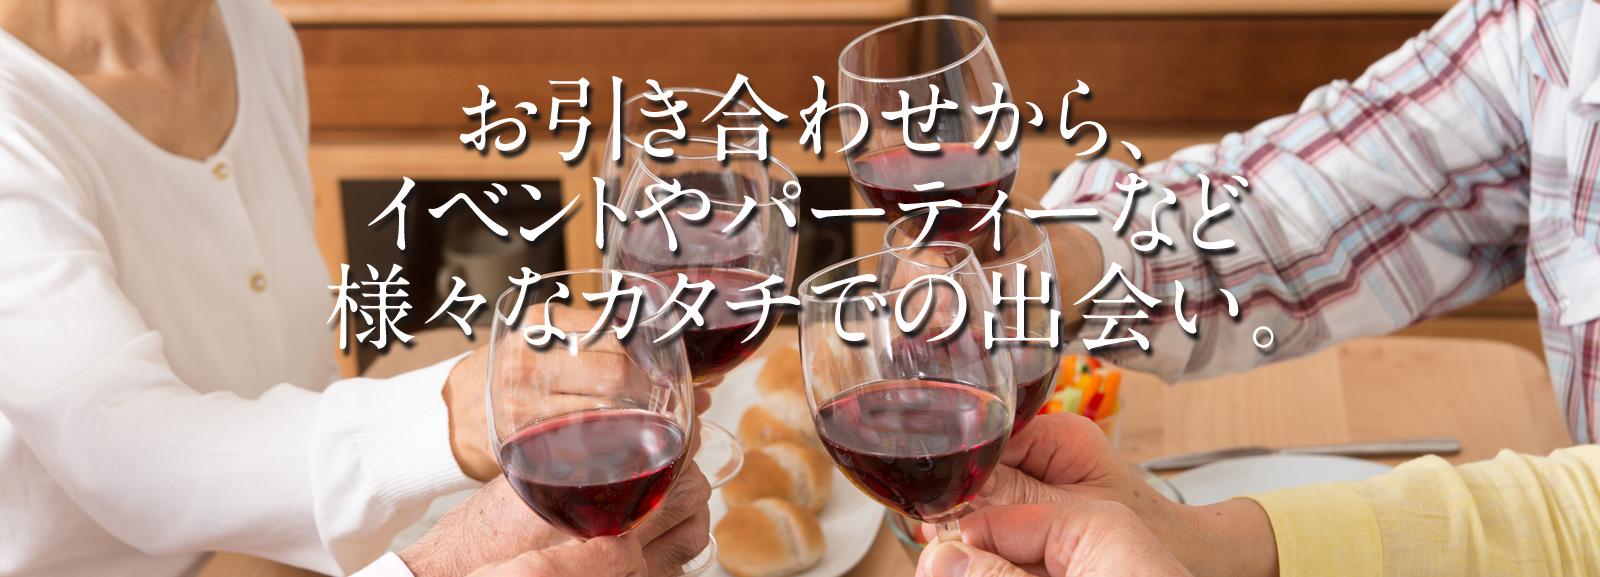 お引き合わせから、イベントやパーティーなど、様々なカタチでの出会い。